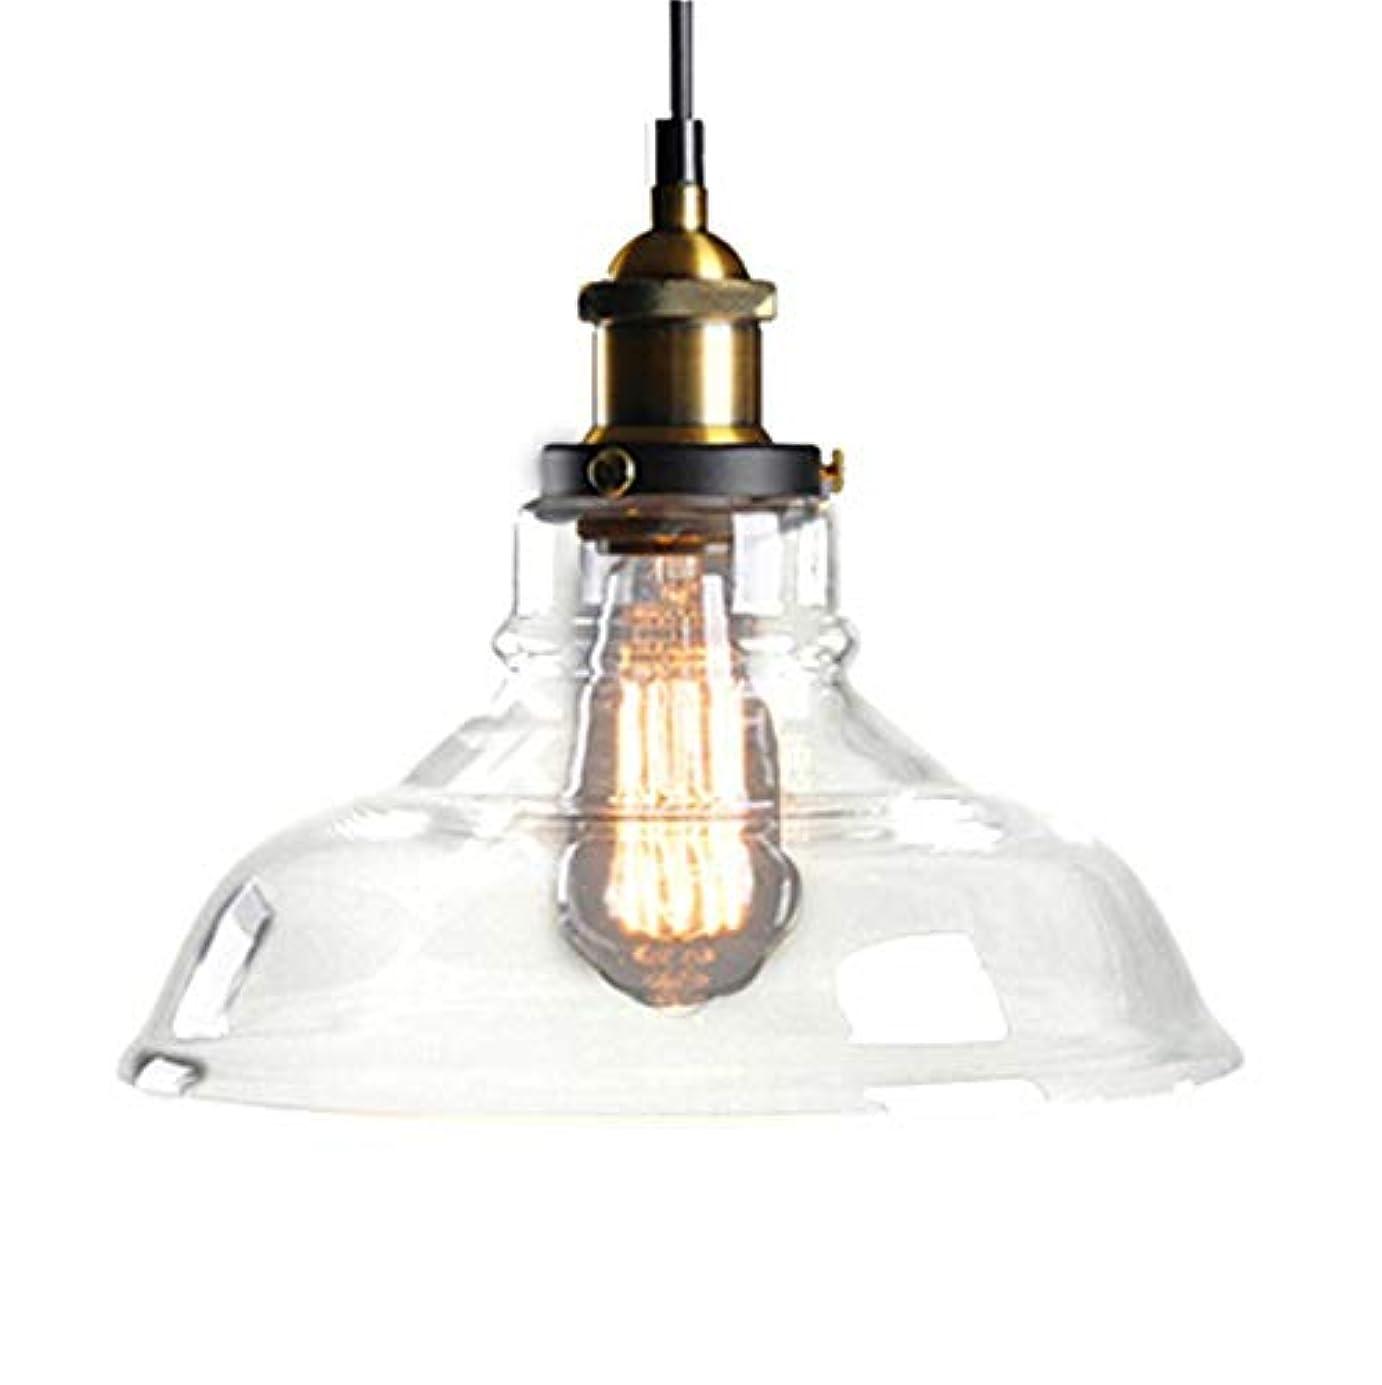 すき貴重な一掃する北ヨーロッパおよびアメリカ様式の農村産業風の創造的な単一のヘッドガラスランプシェード